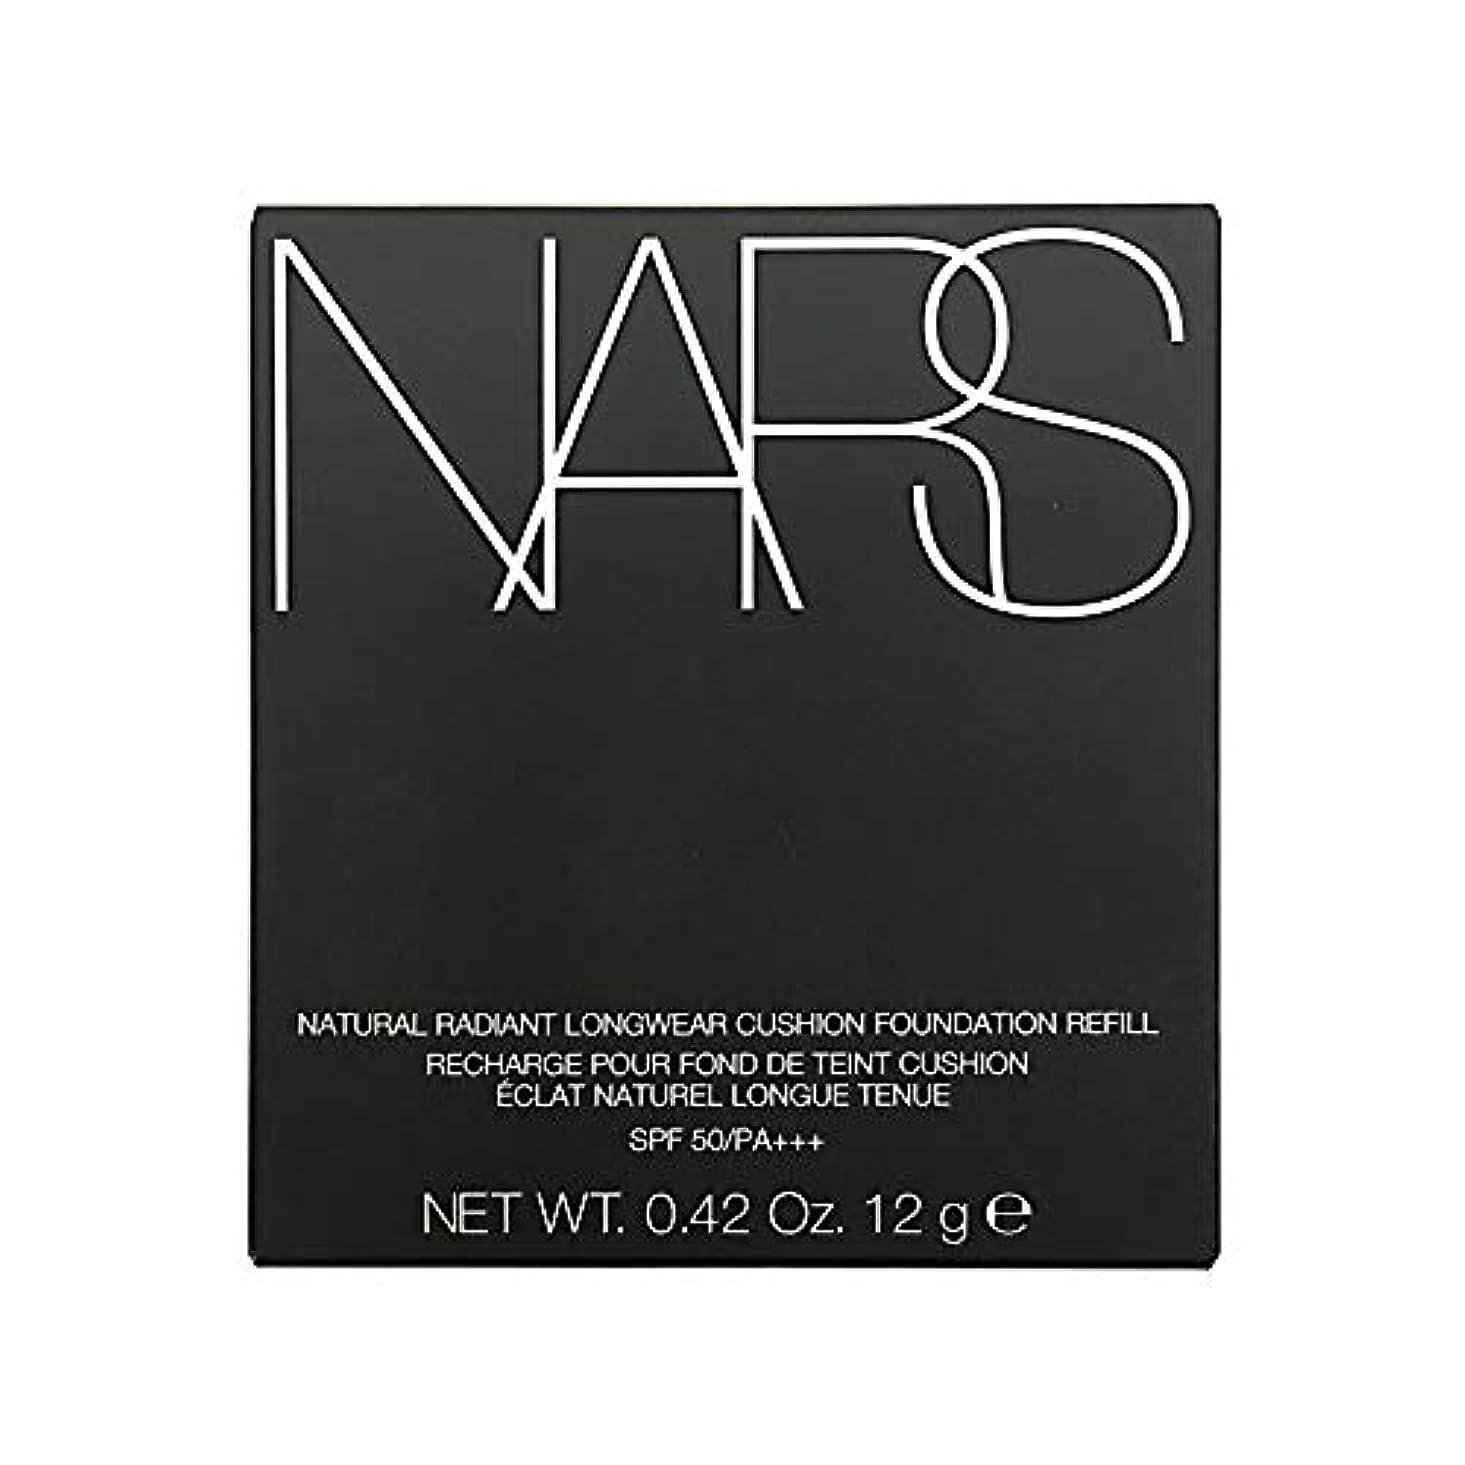 建築家不要ホイットニーナーズ/NARS ナチュラルラディアント ロングウェア クッションファンデーション(レフィル)#5880[ クッションファンデ ] [並行輸入品]